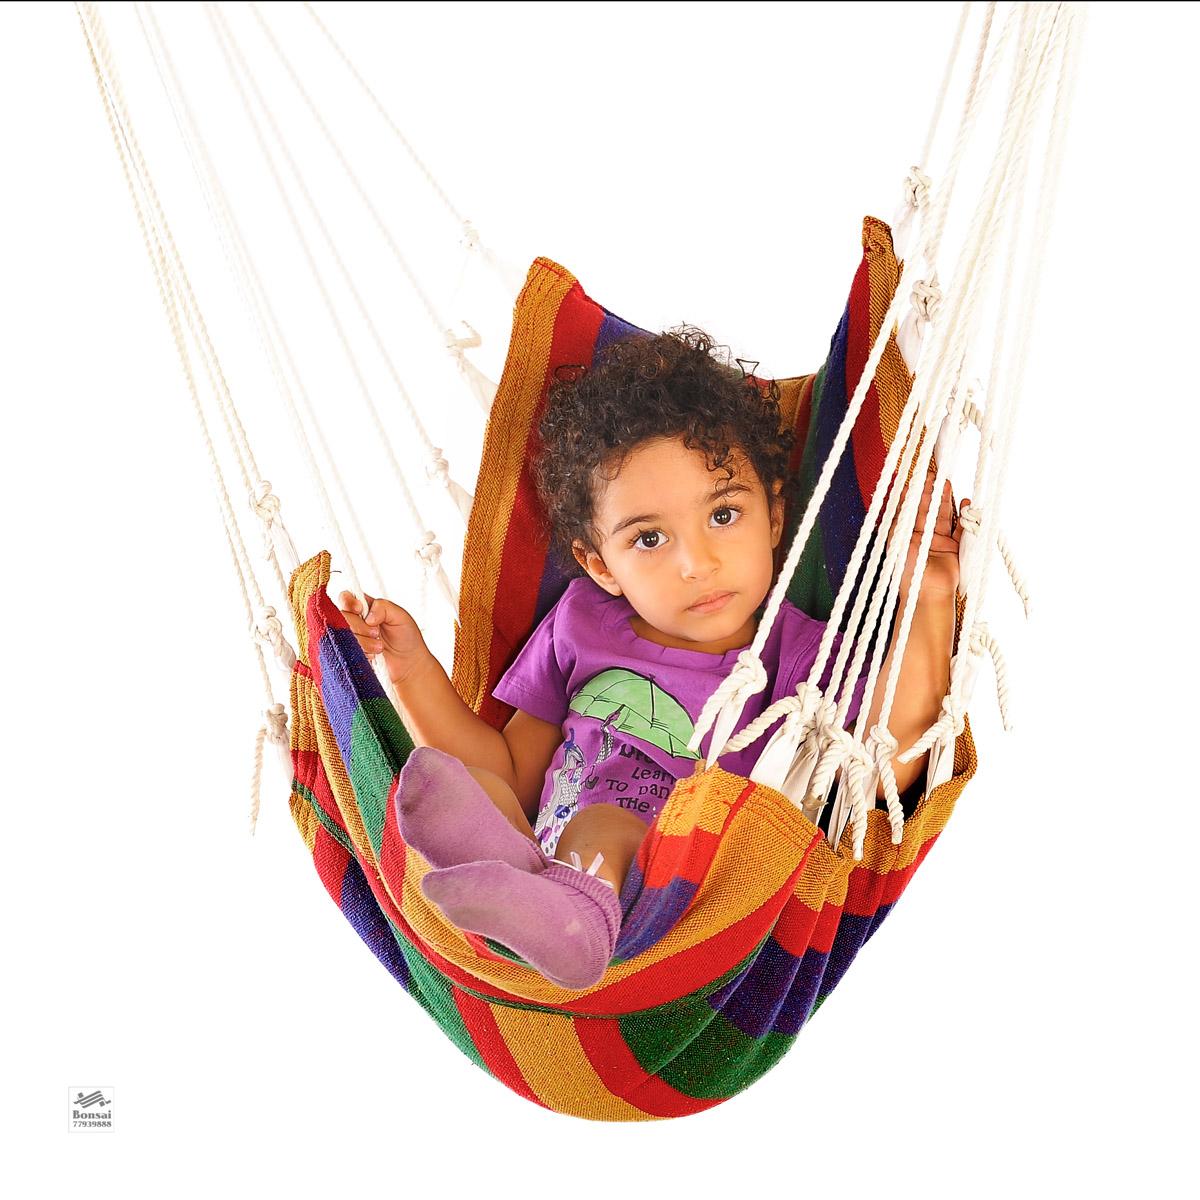 اشتباهات رایج در عکاسی کودک